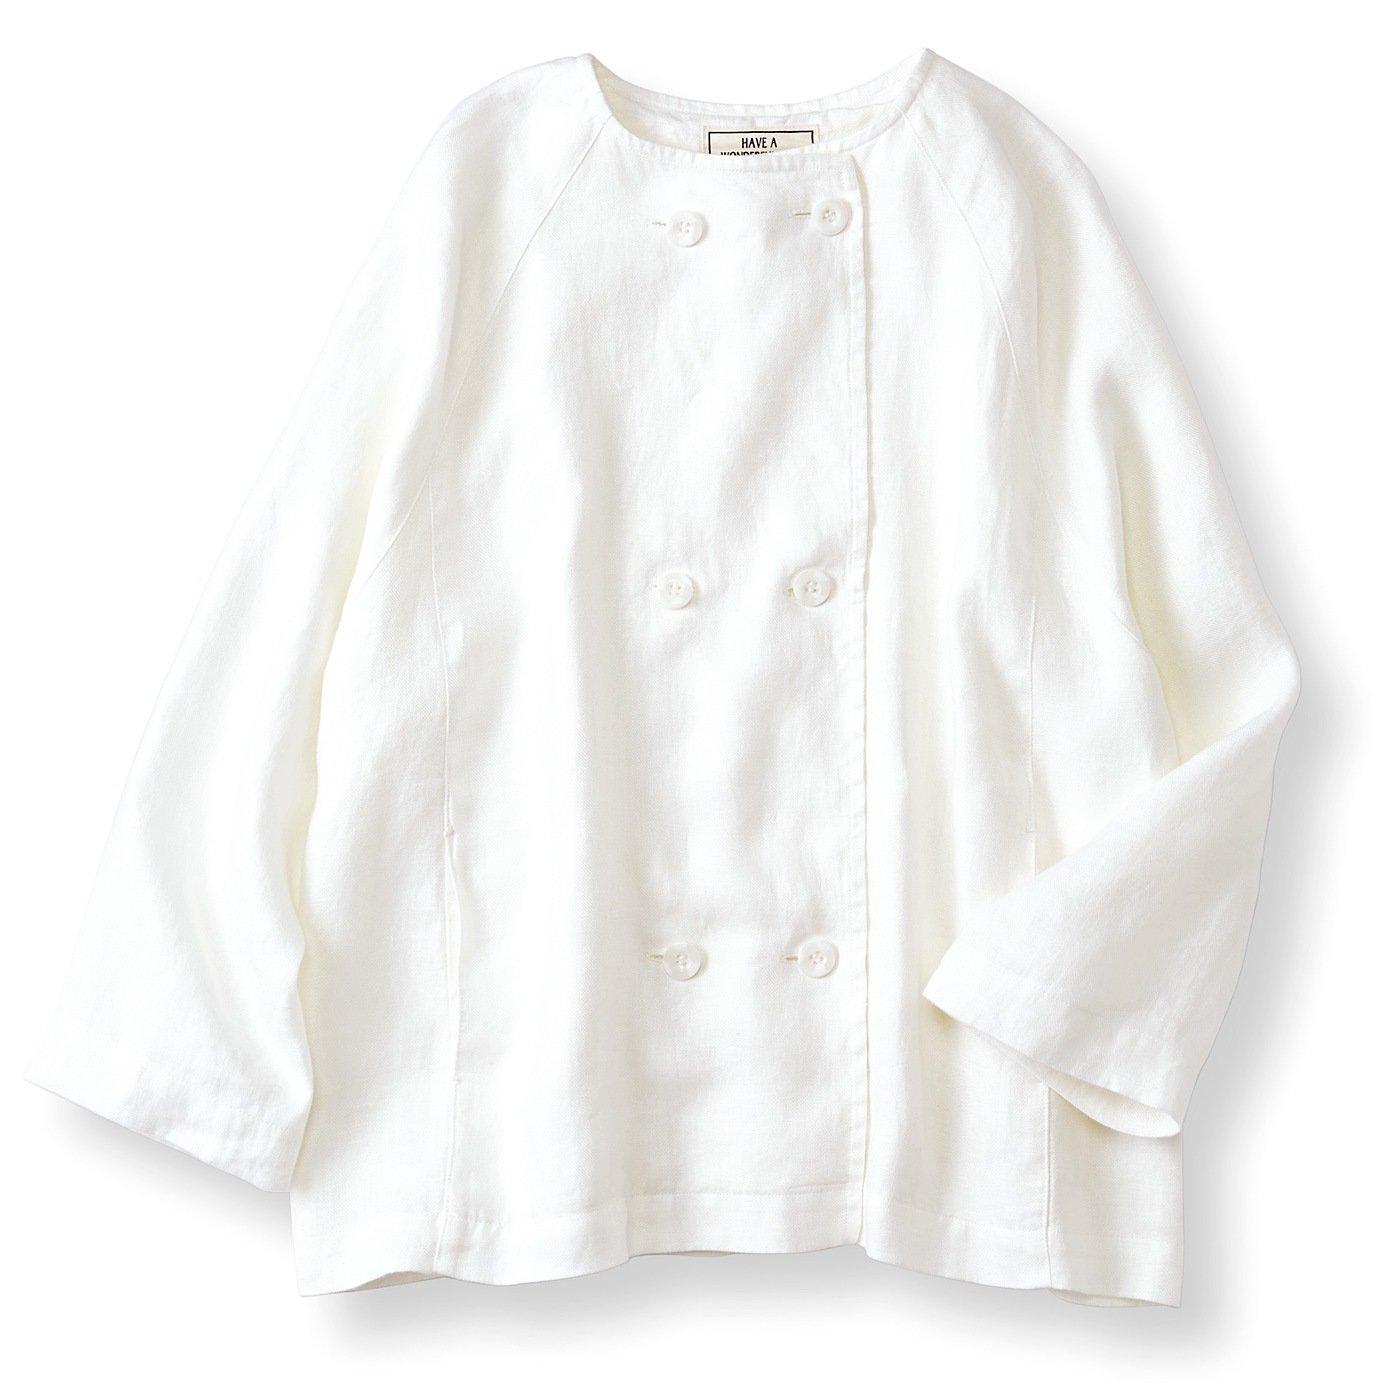 【3~10日でお届け】リブ イン コンフォート はまじとコラボ 洗いをかけた軽い着心地のこなれ麻ジャケット〈ホワイト〉